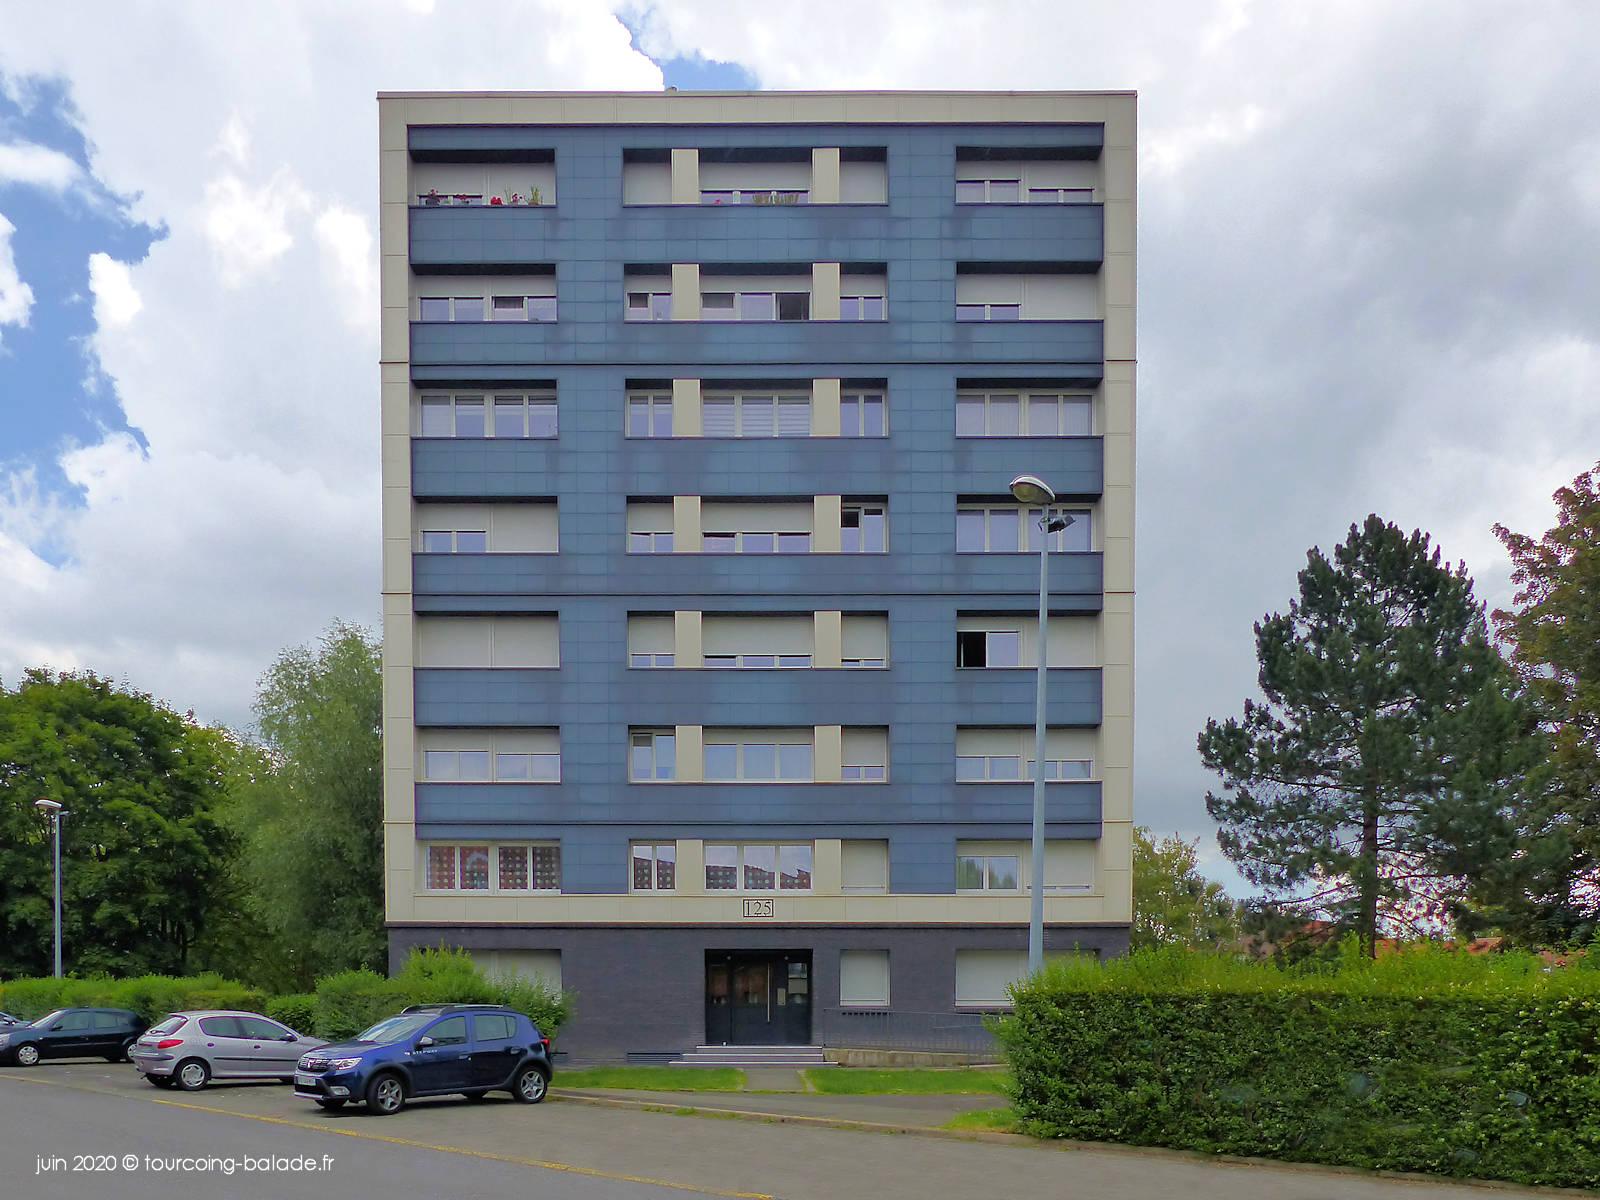 Résidences de l'Yser, Tourcoing 2020